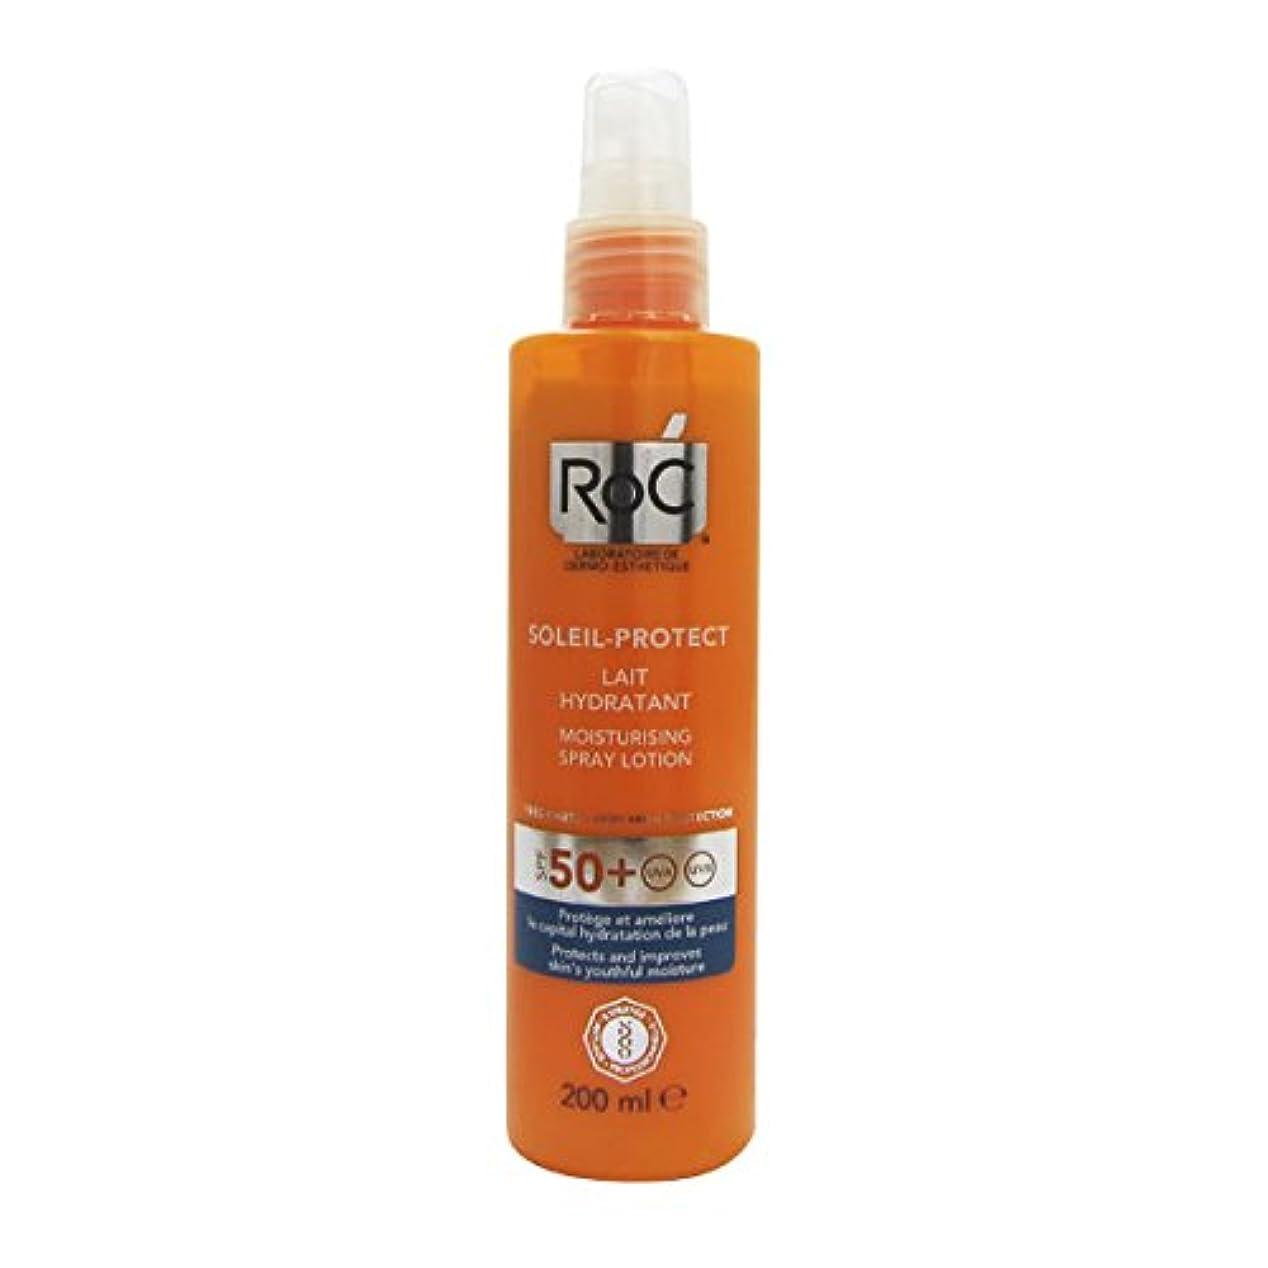 火山のレッスンねばねばRoc Soleil Protect Hydrating Fluid Spf30 200ml [並行輸入品]